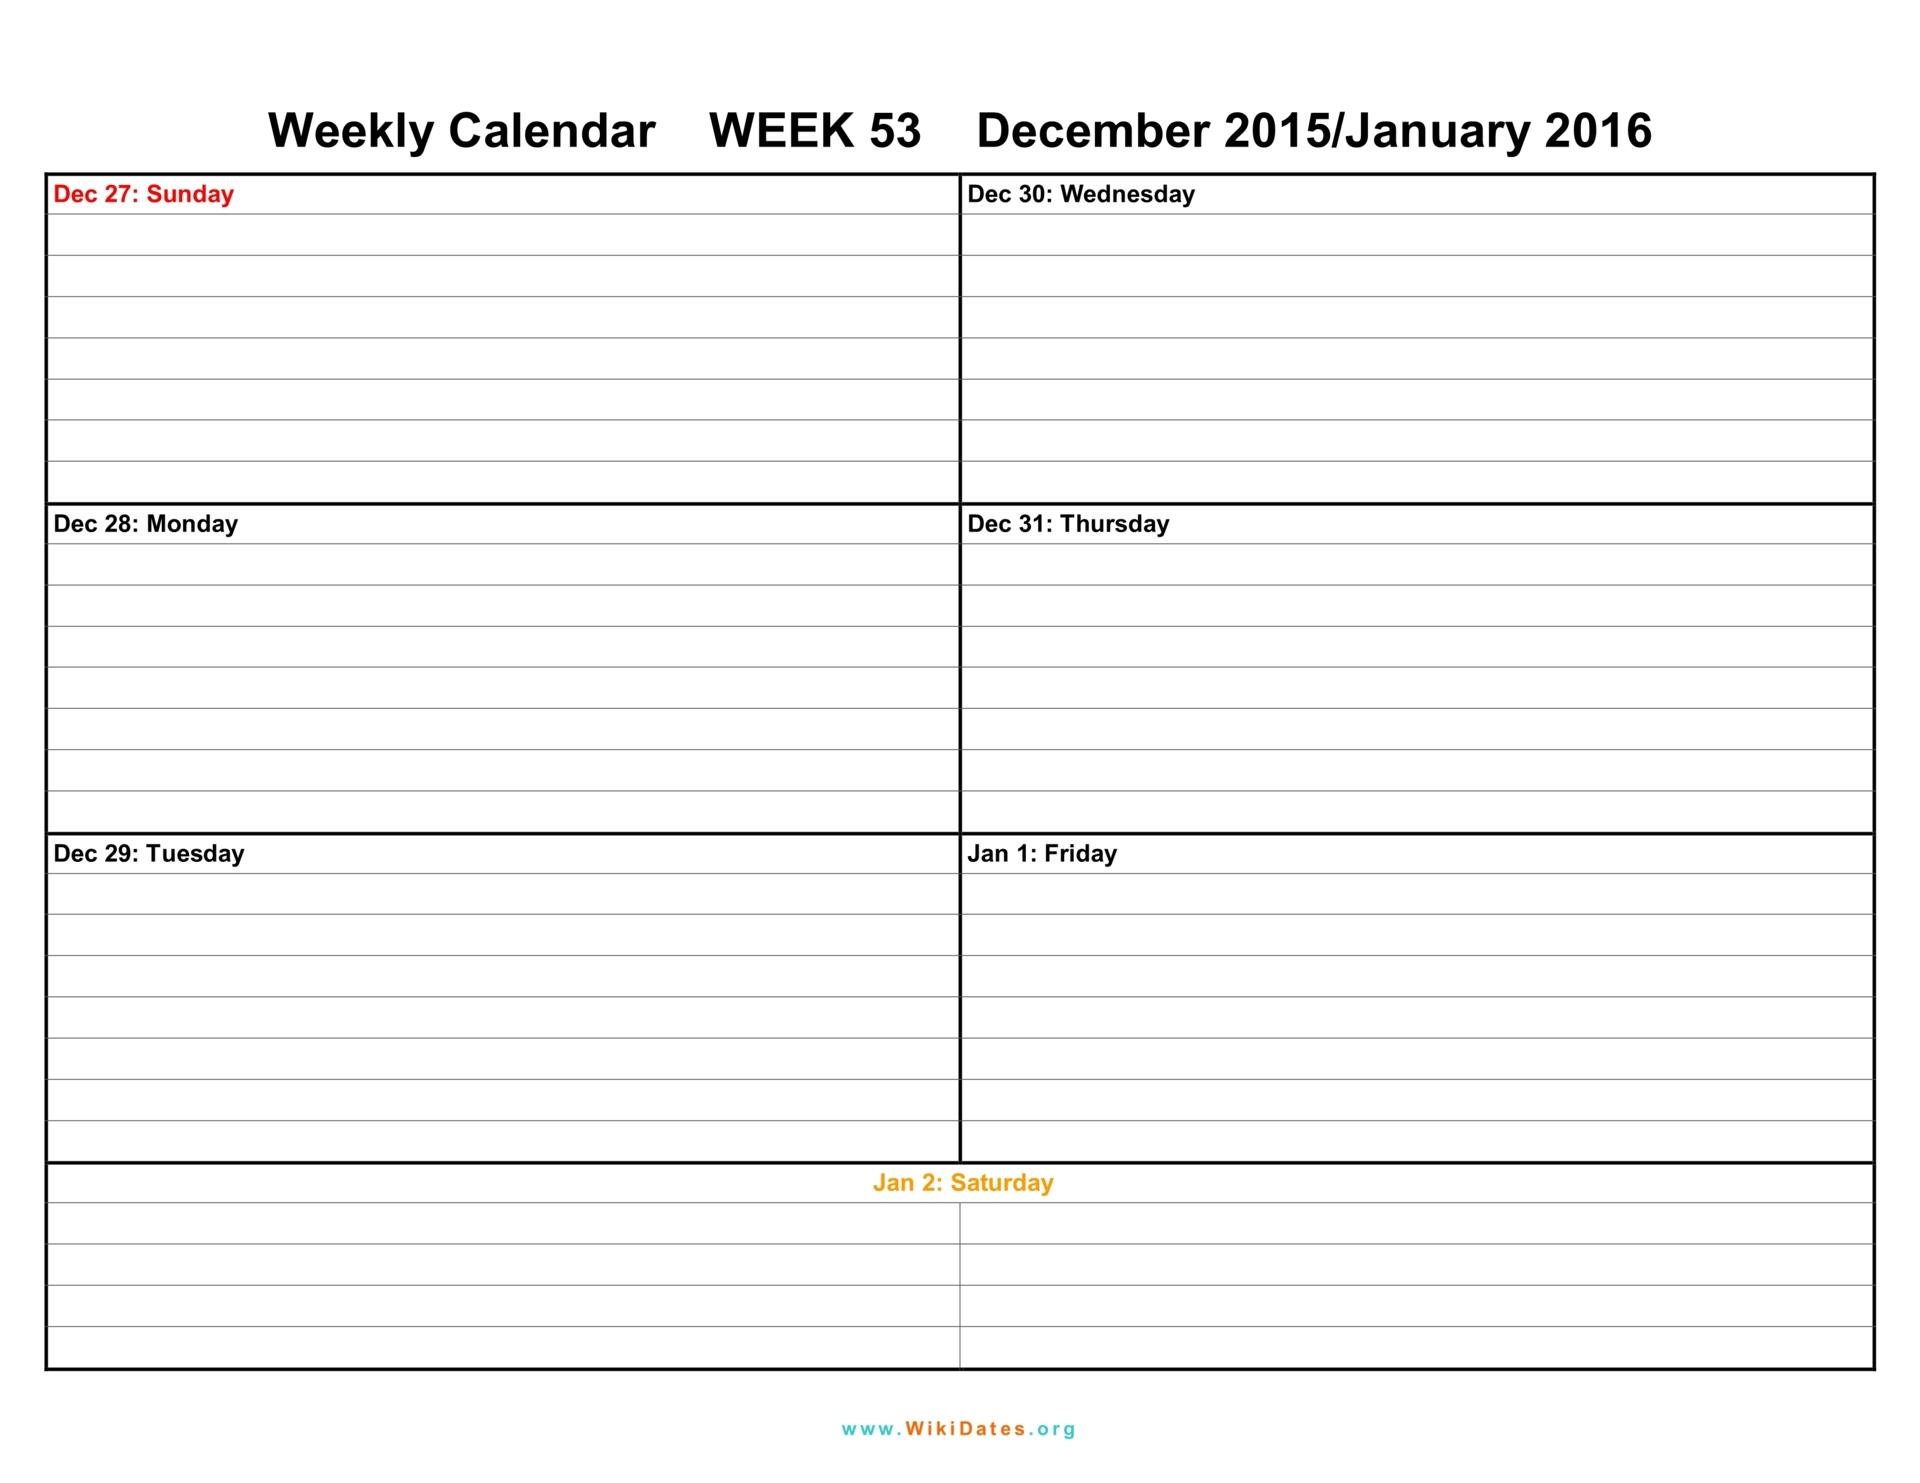 Pdf-Printable-Weekly-Calendar-Template-July pertaining to Printable Weekly Calendar Template